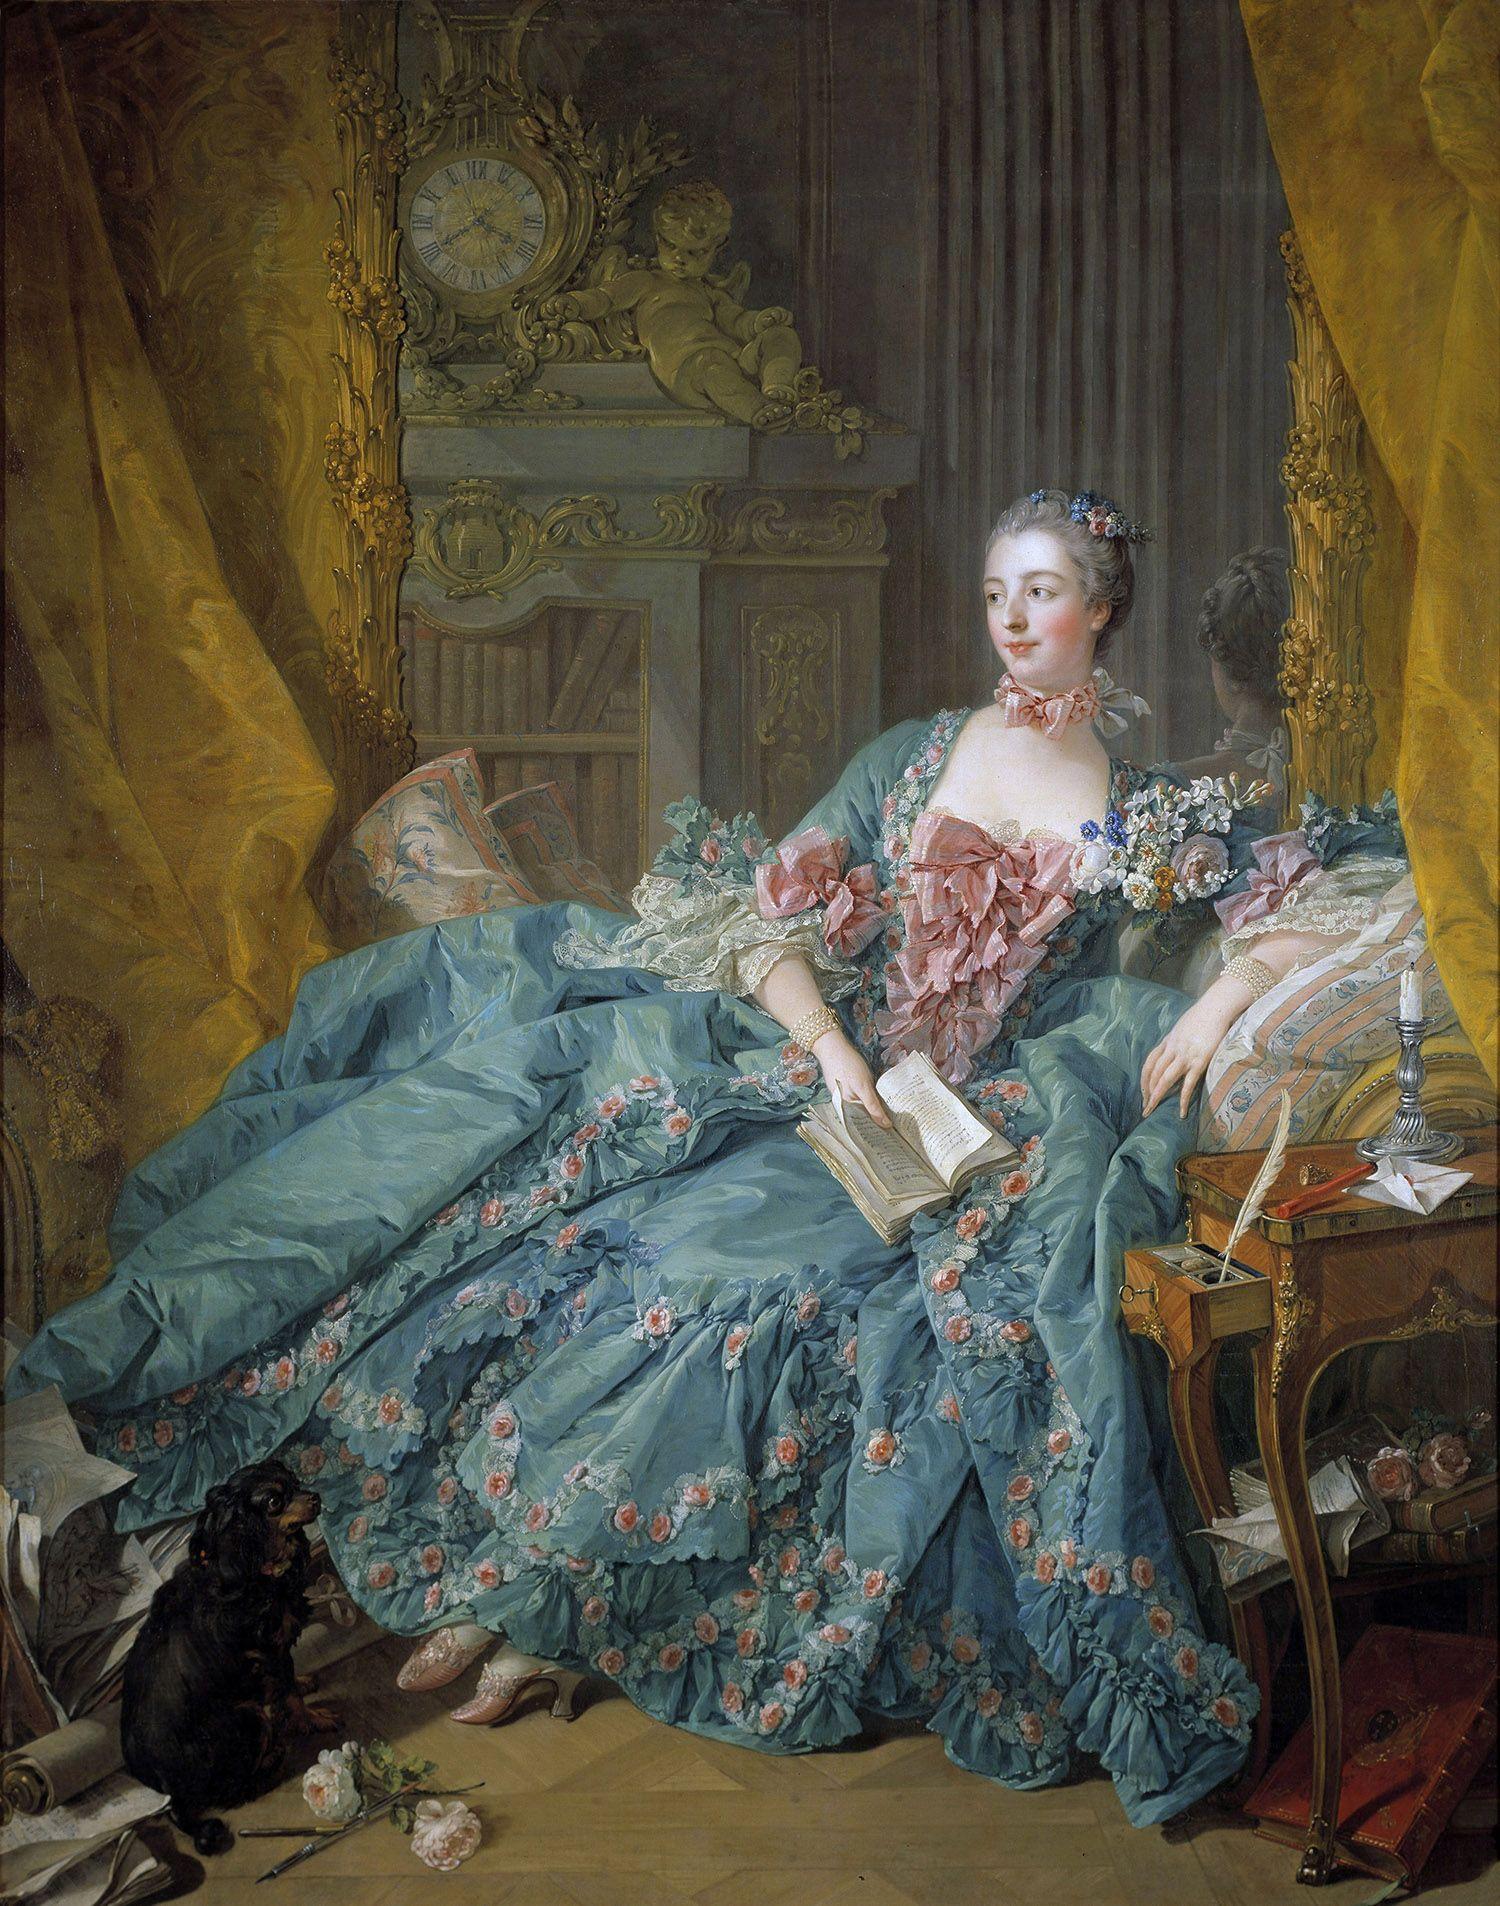 La vita di corte della leggendaria Madame de Pompadour